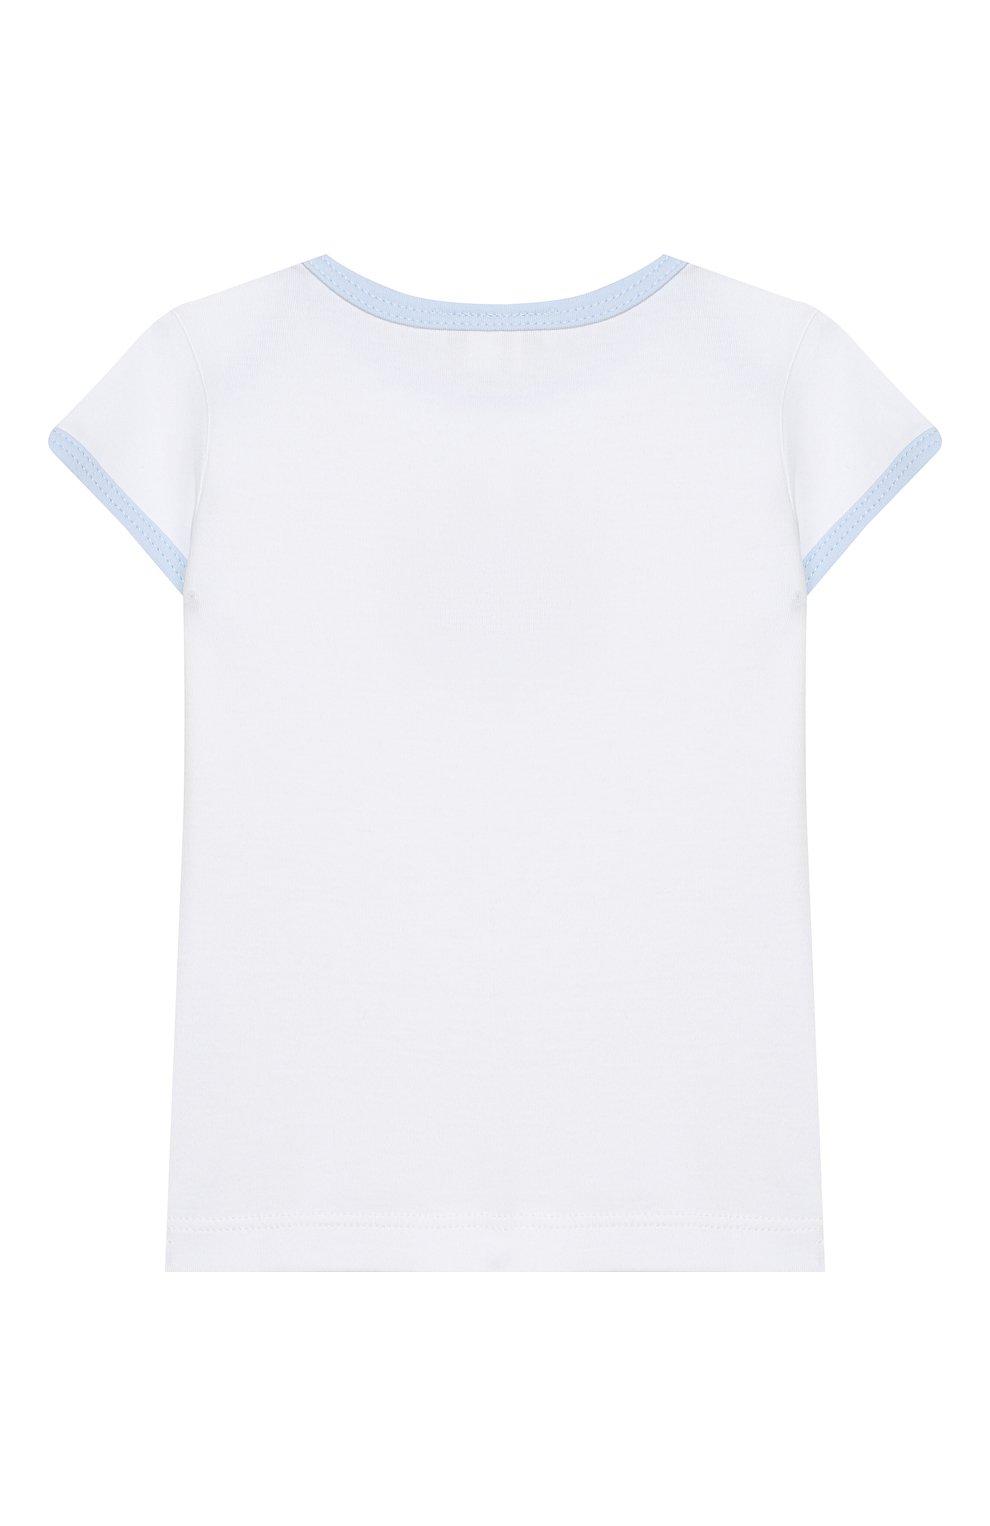 Детский комплект из топа и шорт MAGNOLIA BABY голубого цвета, арт. 649-102-LB | Фото 3 (Рукава: Короткие; Материал внешний: Хлопок)